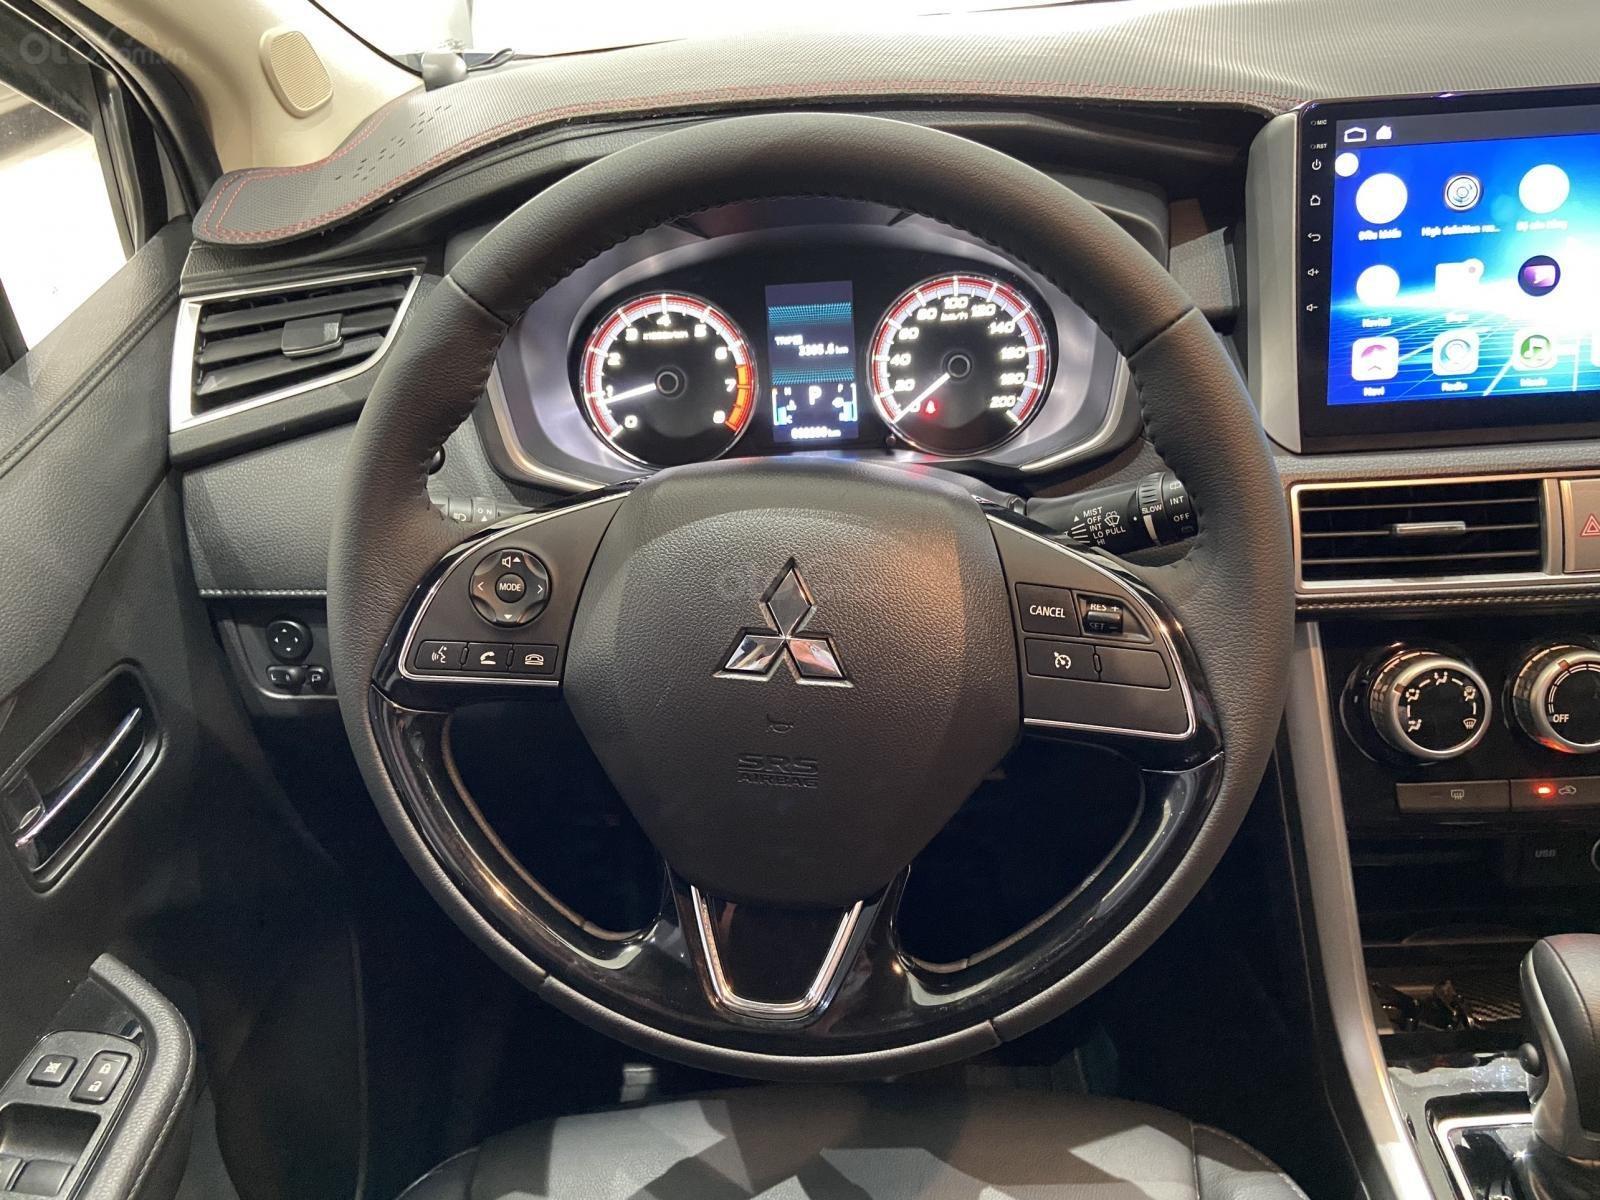 Bán xe Mitsubishi Xpander năm sản xuất 2020, màu Bạc, xe đẹp, mới đi 3.000km (7)